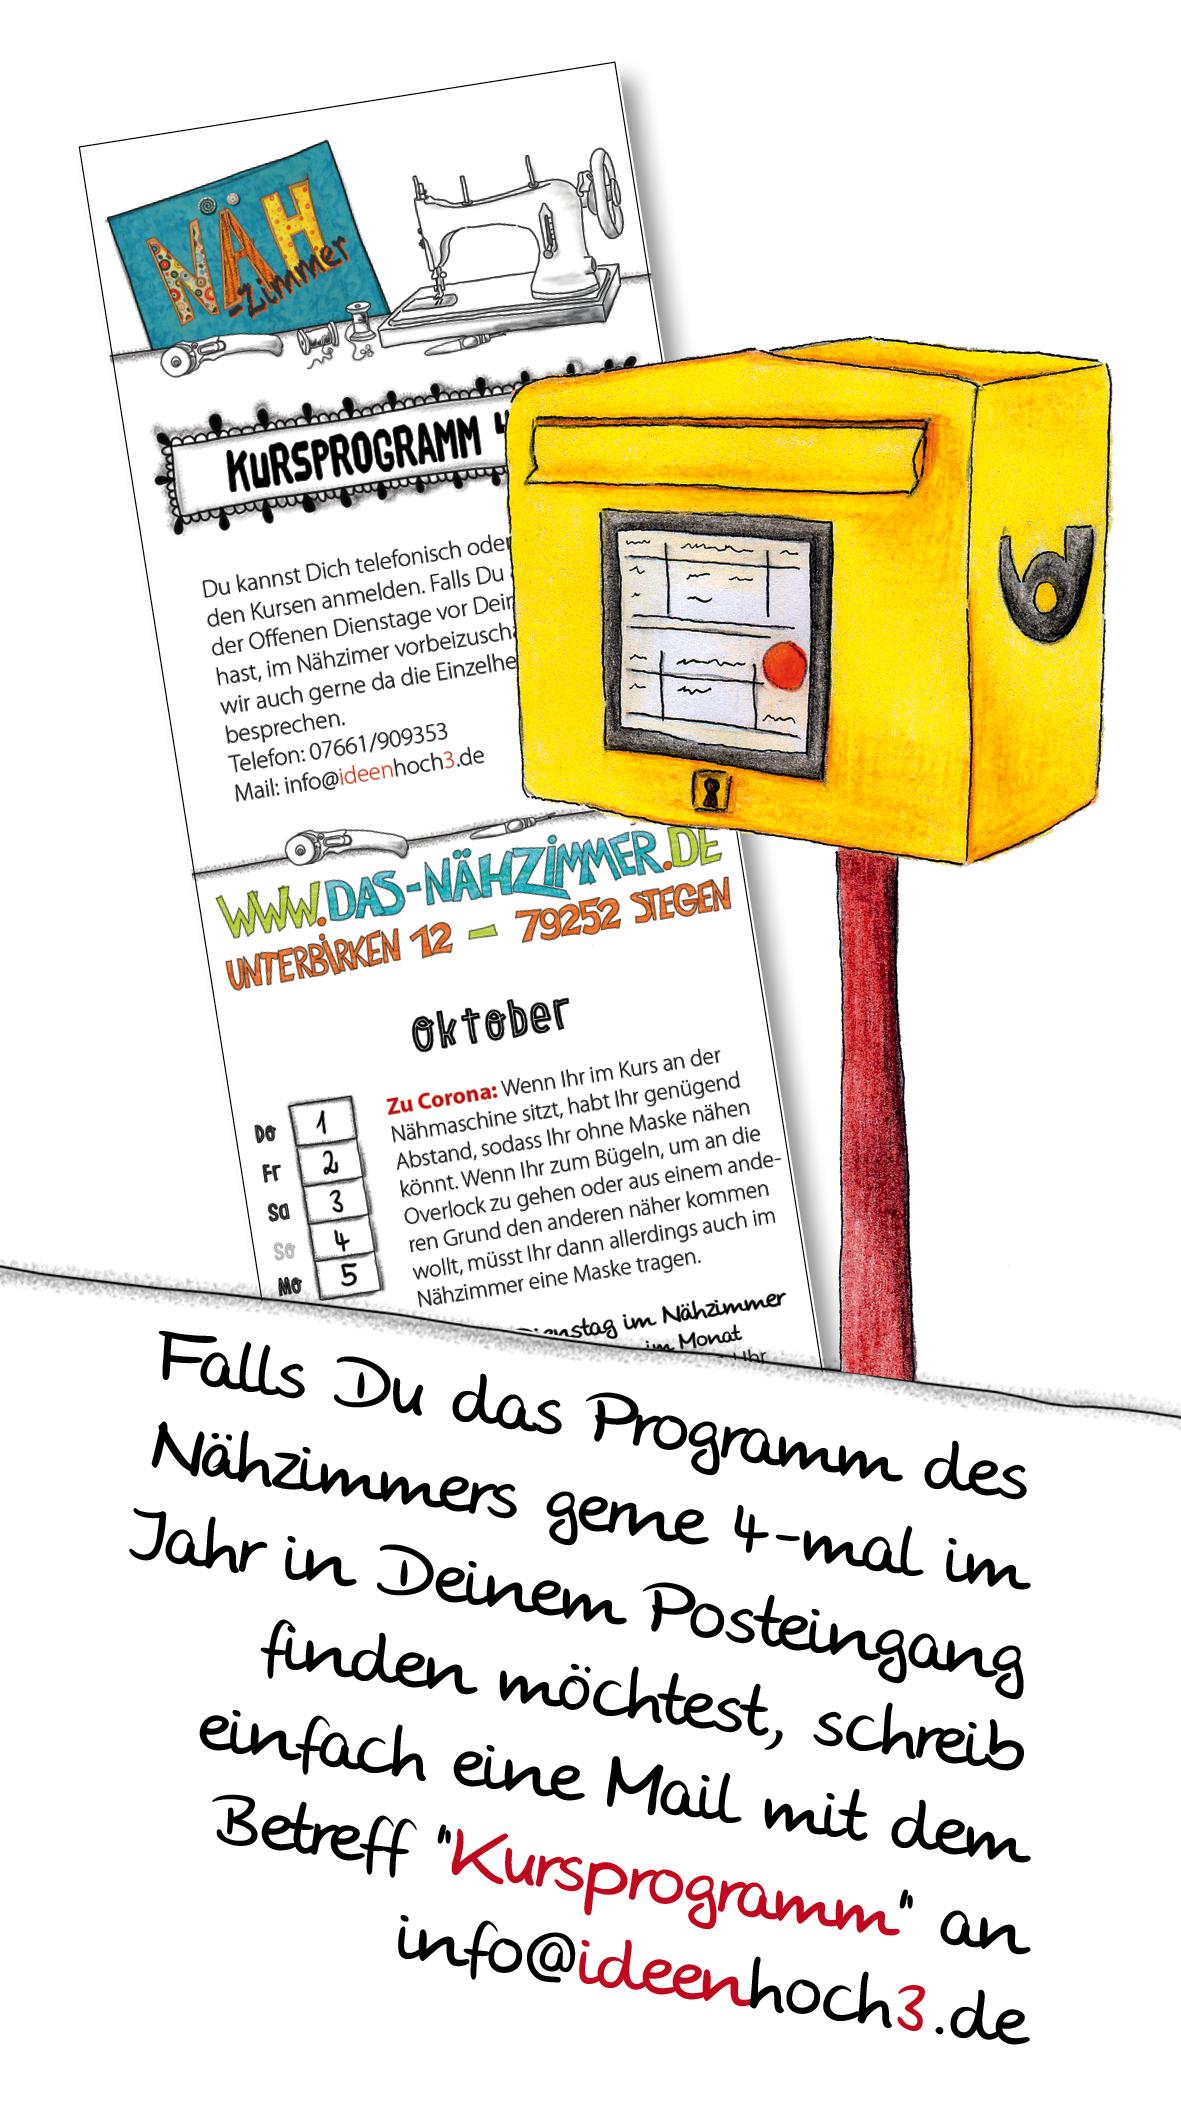 Das-Nähzimmer, Nähkurse, Freiburg, Dreisamtal, Nähkurs für Anfänger, Nähkurs für Kinder